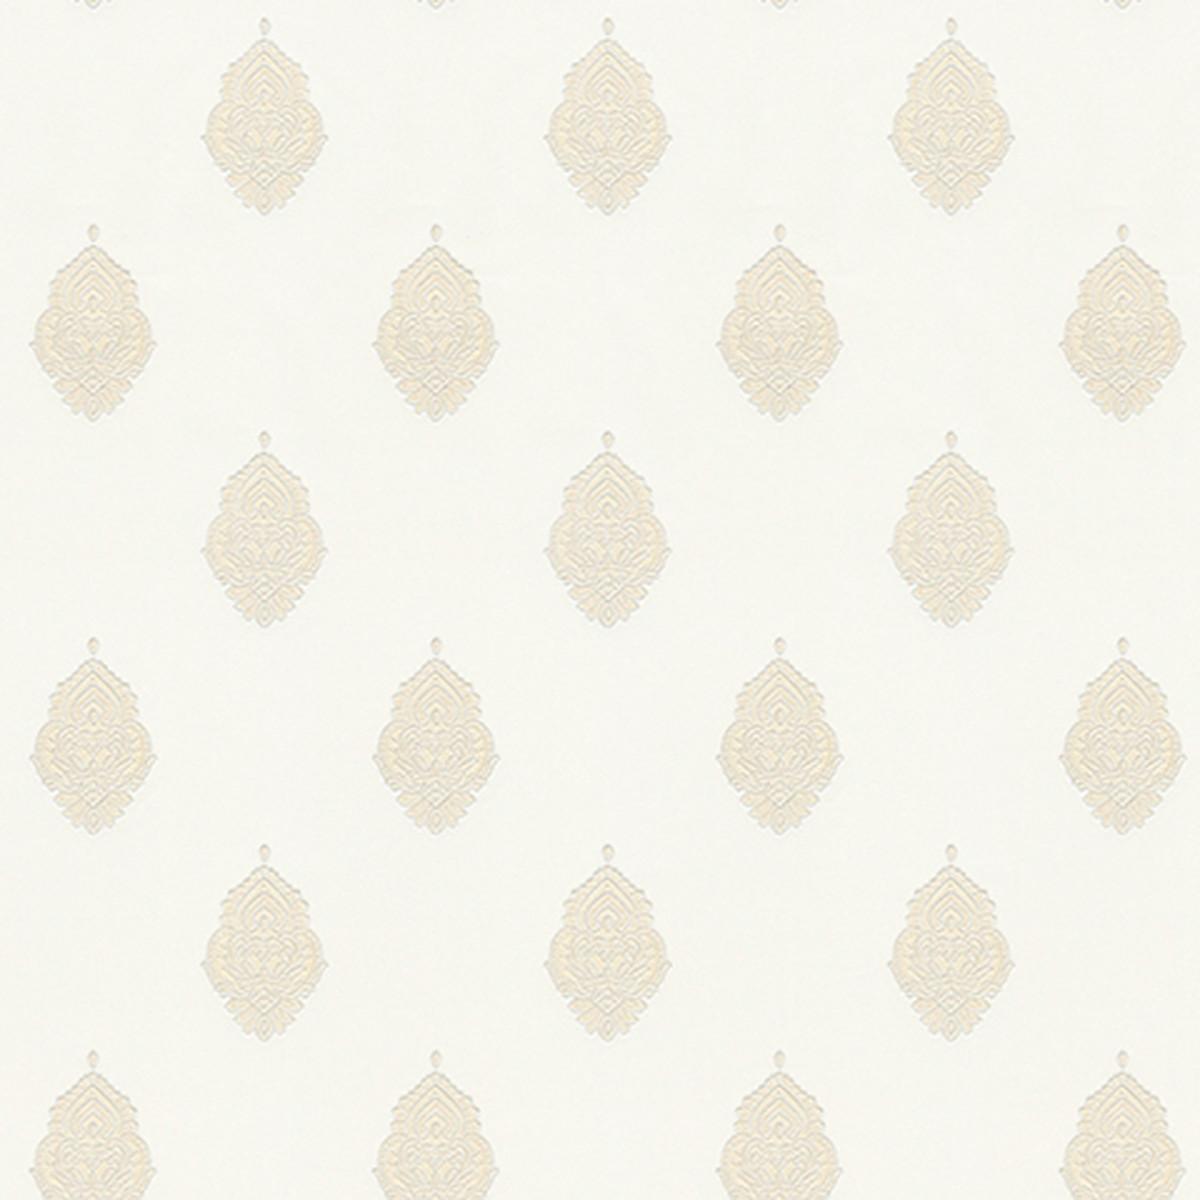 Обои флизелиновые С.Л.Г. серые 1.06 м 2-0460